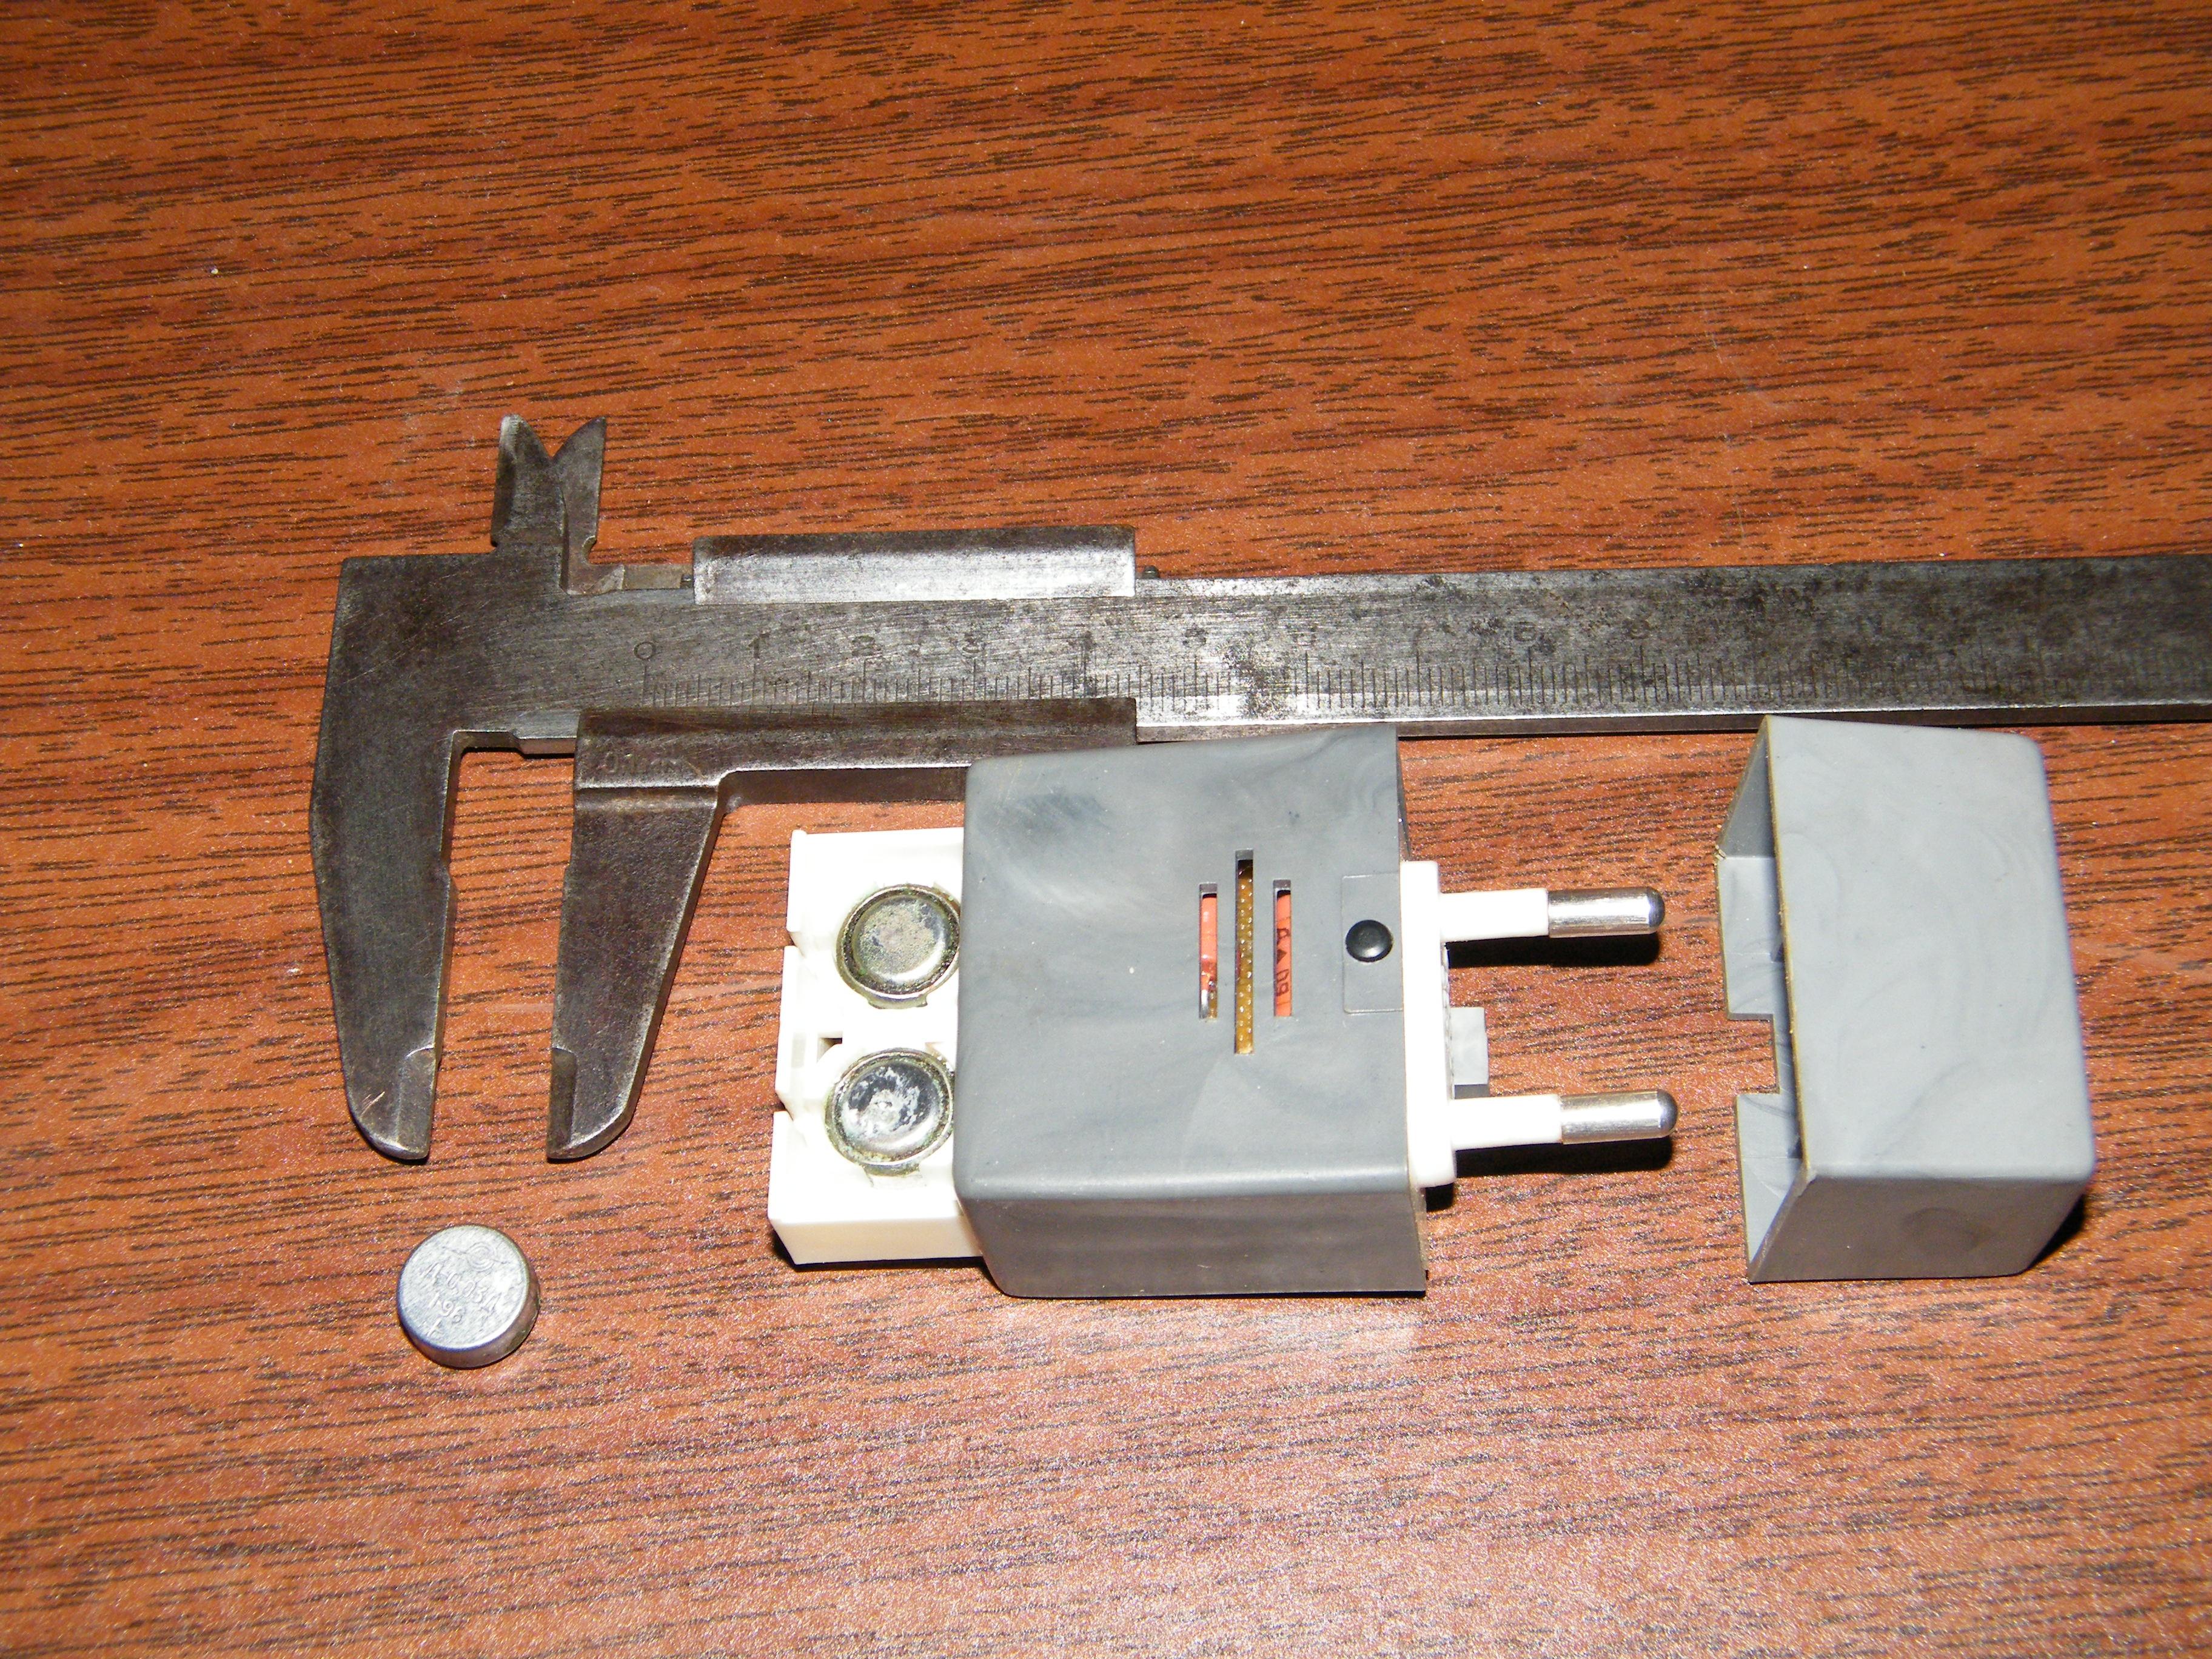 Никель-кадмиевые аккумуляторы (NiCd) в электроинструментах